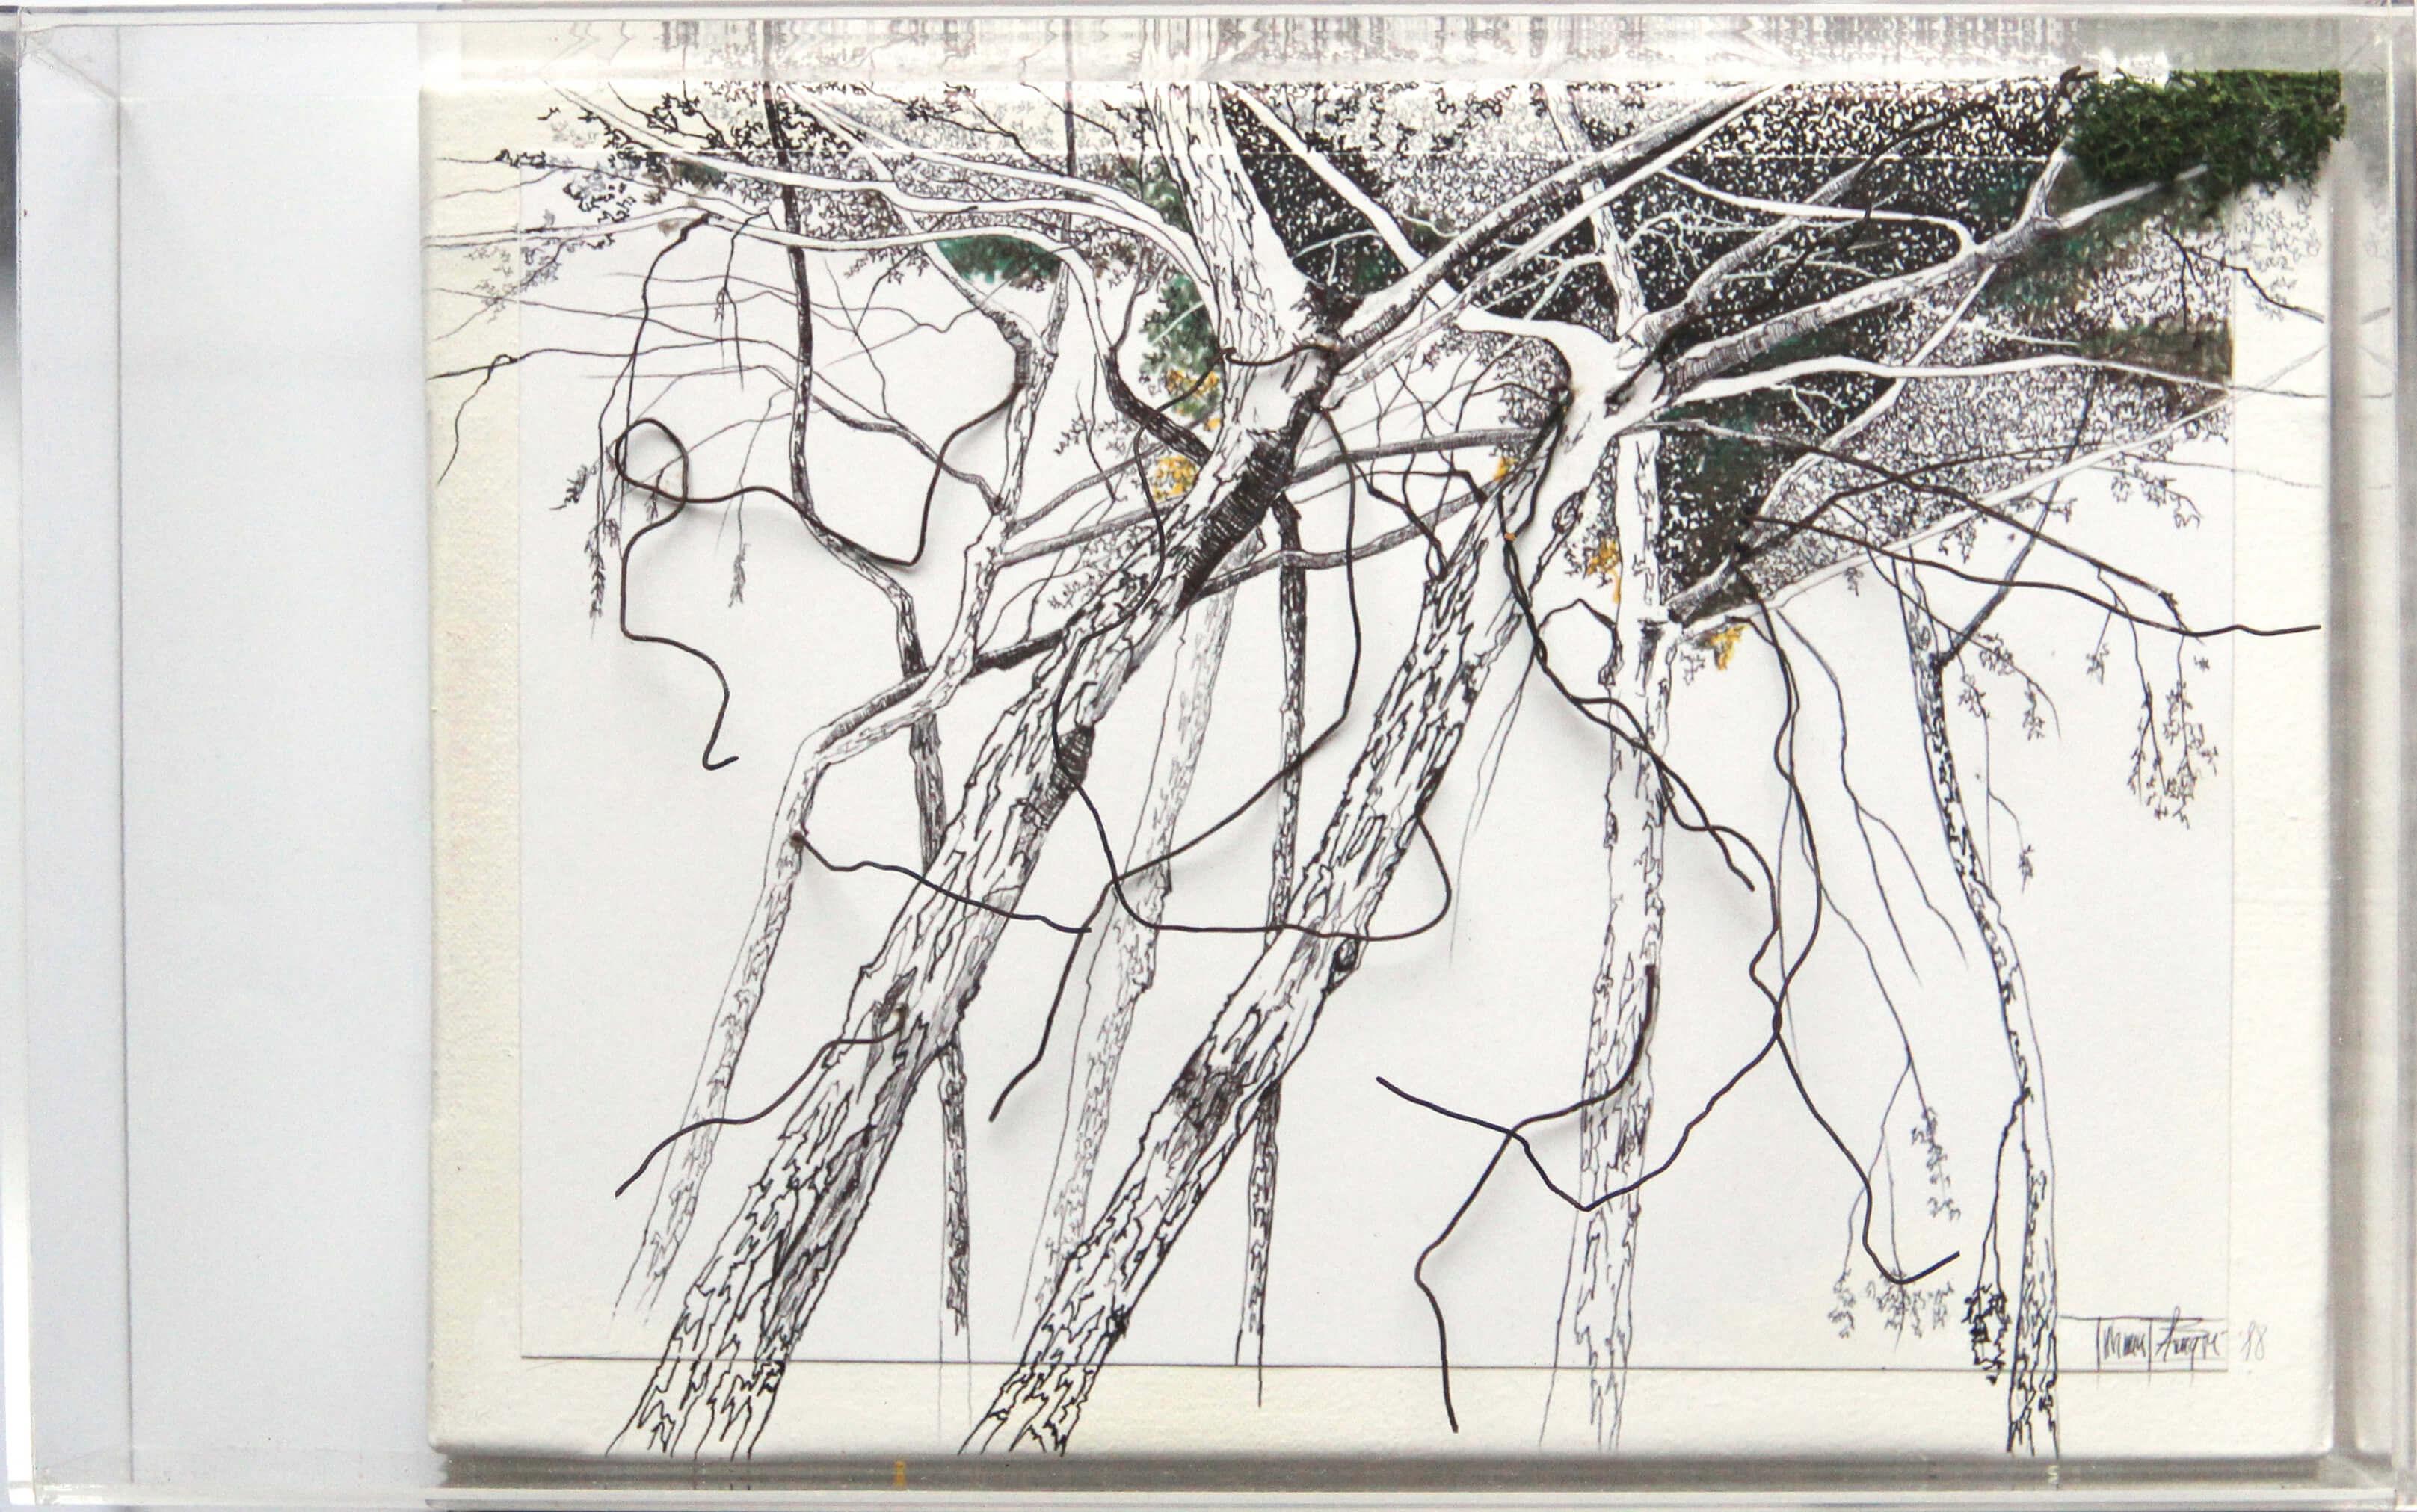 725euros-Alló-que-amaguen-els-arbres-VIII-40x25cm-tècnica-mixta-d-paper-i-capsa-metacrilat-IMG_0070 Tatiana Blanqué